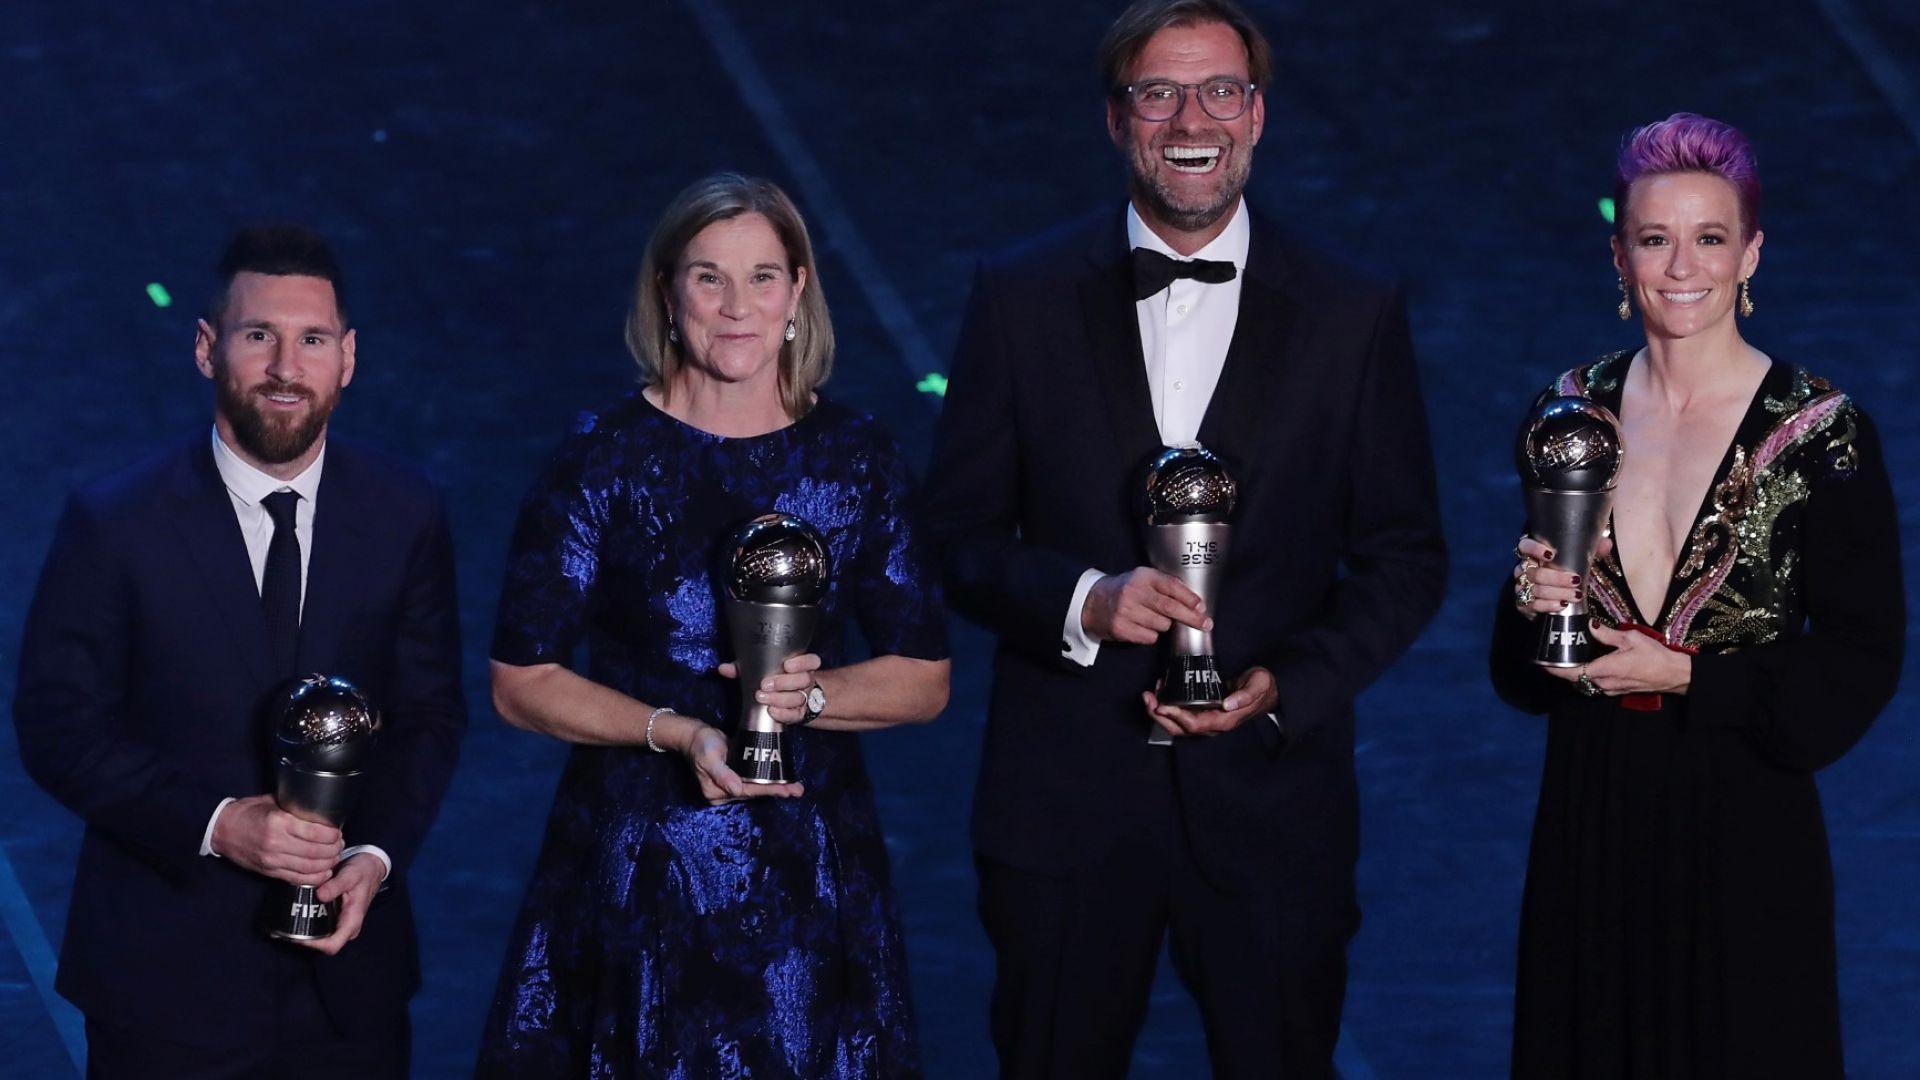 Кой за кого гласува: Меси включи Роналдо, но португалецът не върна жеста